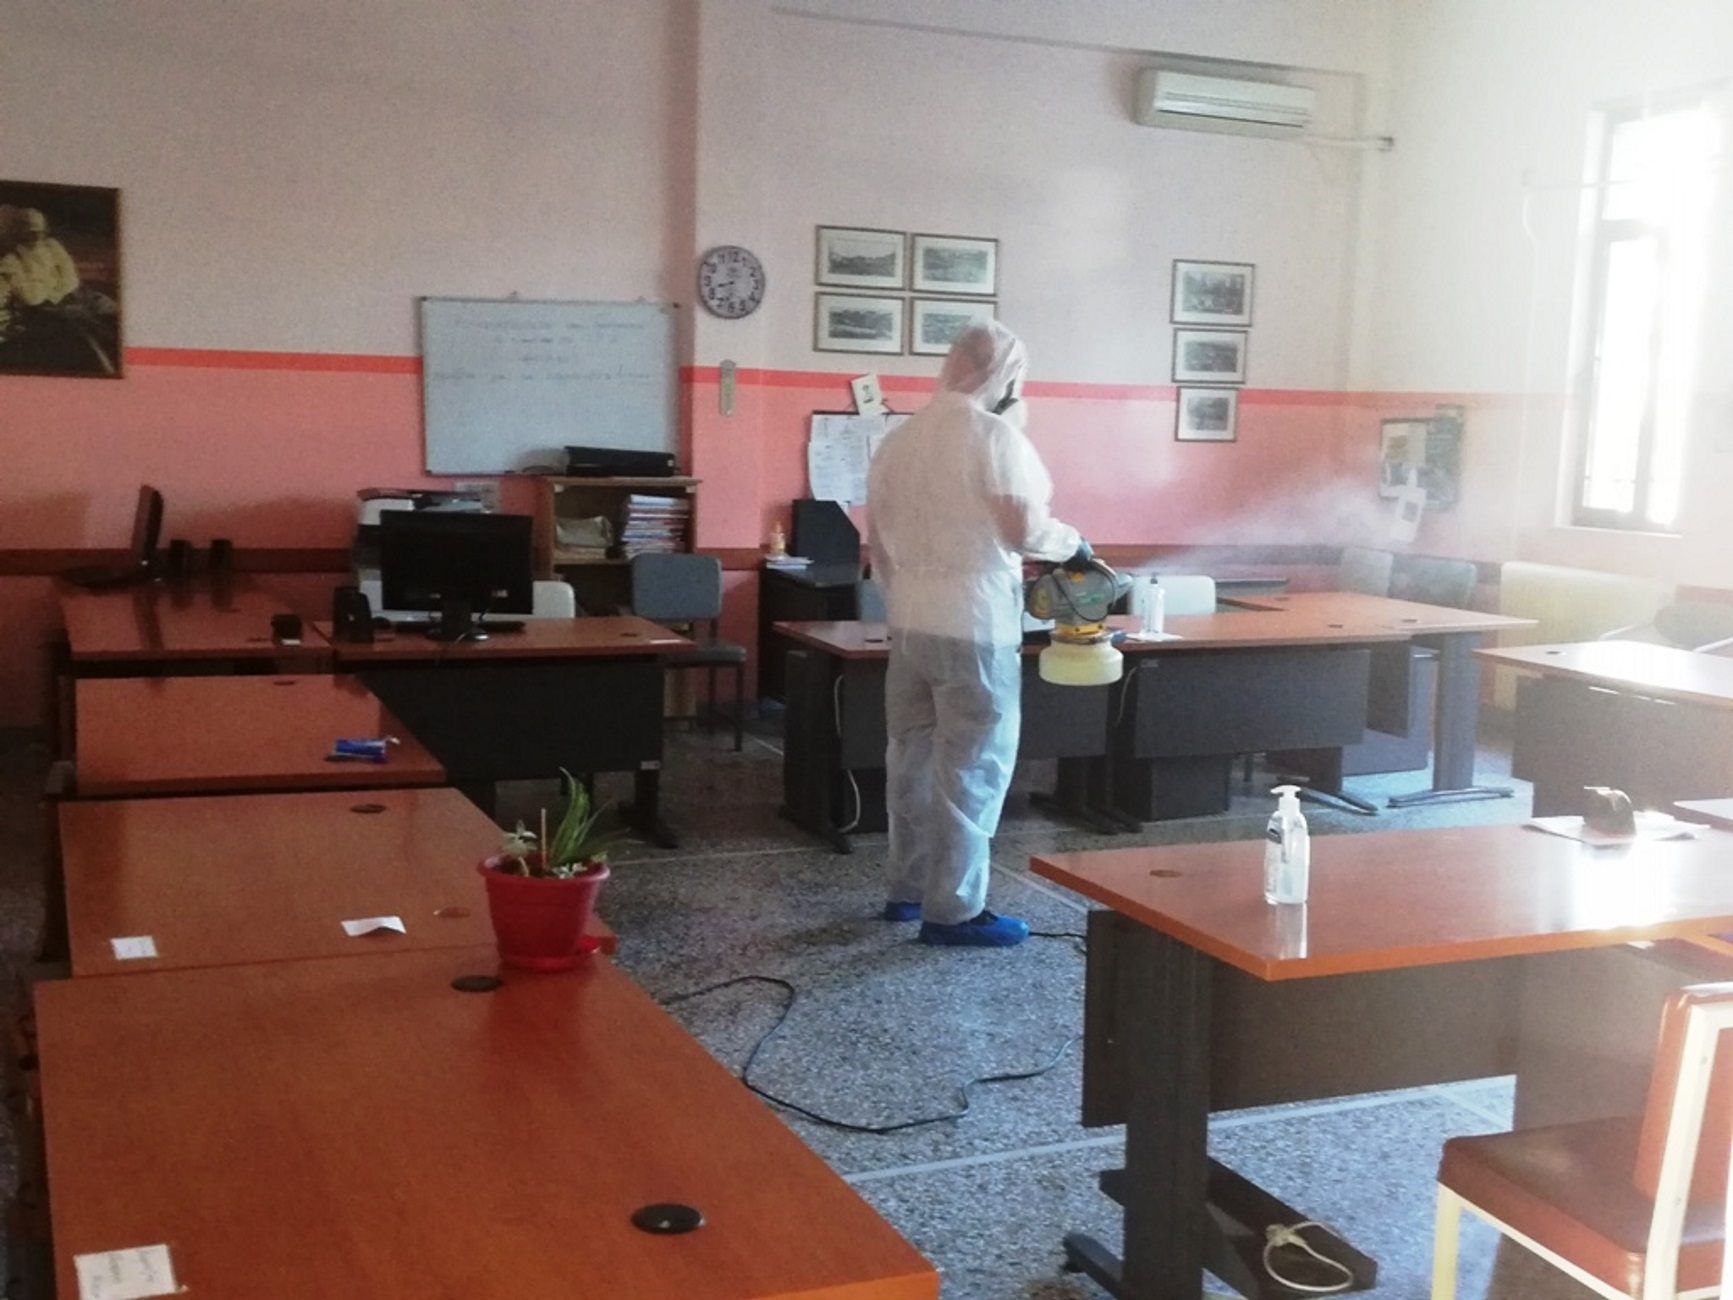 Τρίκαλα: Κρούσματα κορονοϊού σε Γυμνάσιο και βρεφονηπιακό σταθμό! Σε εξέλιξη η ιχνηλάτηση (Φωτό)